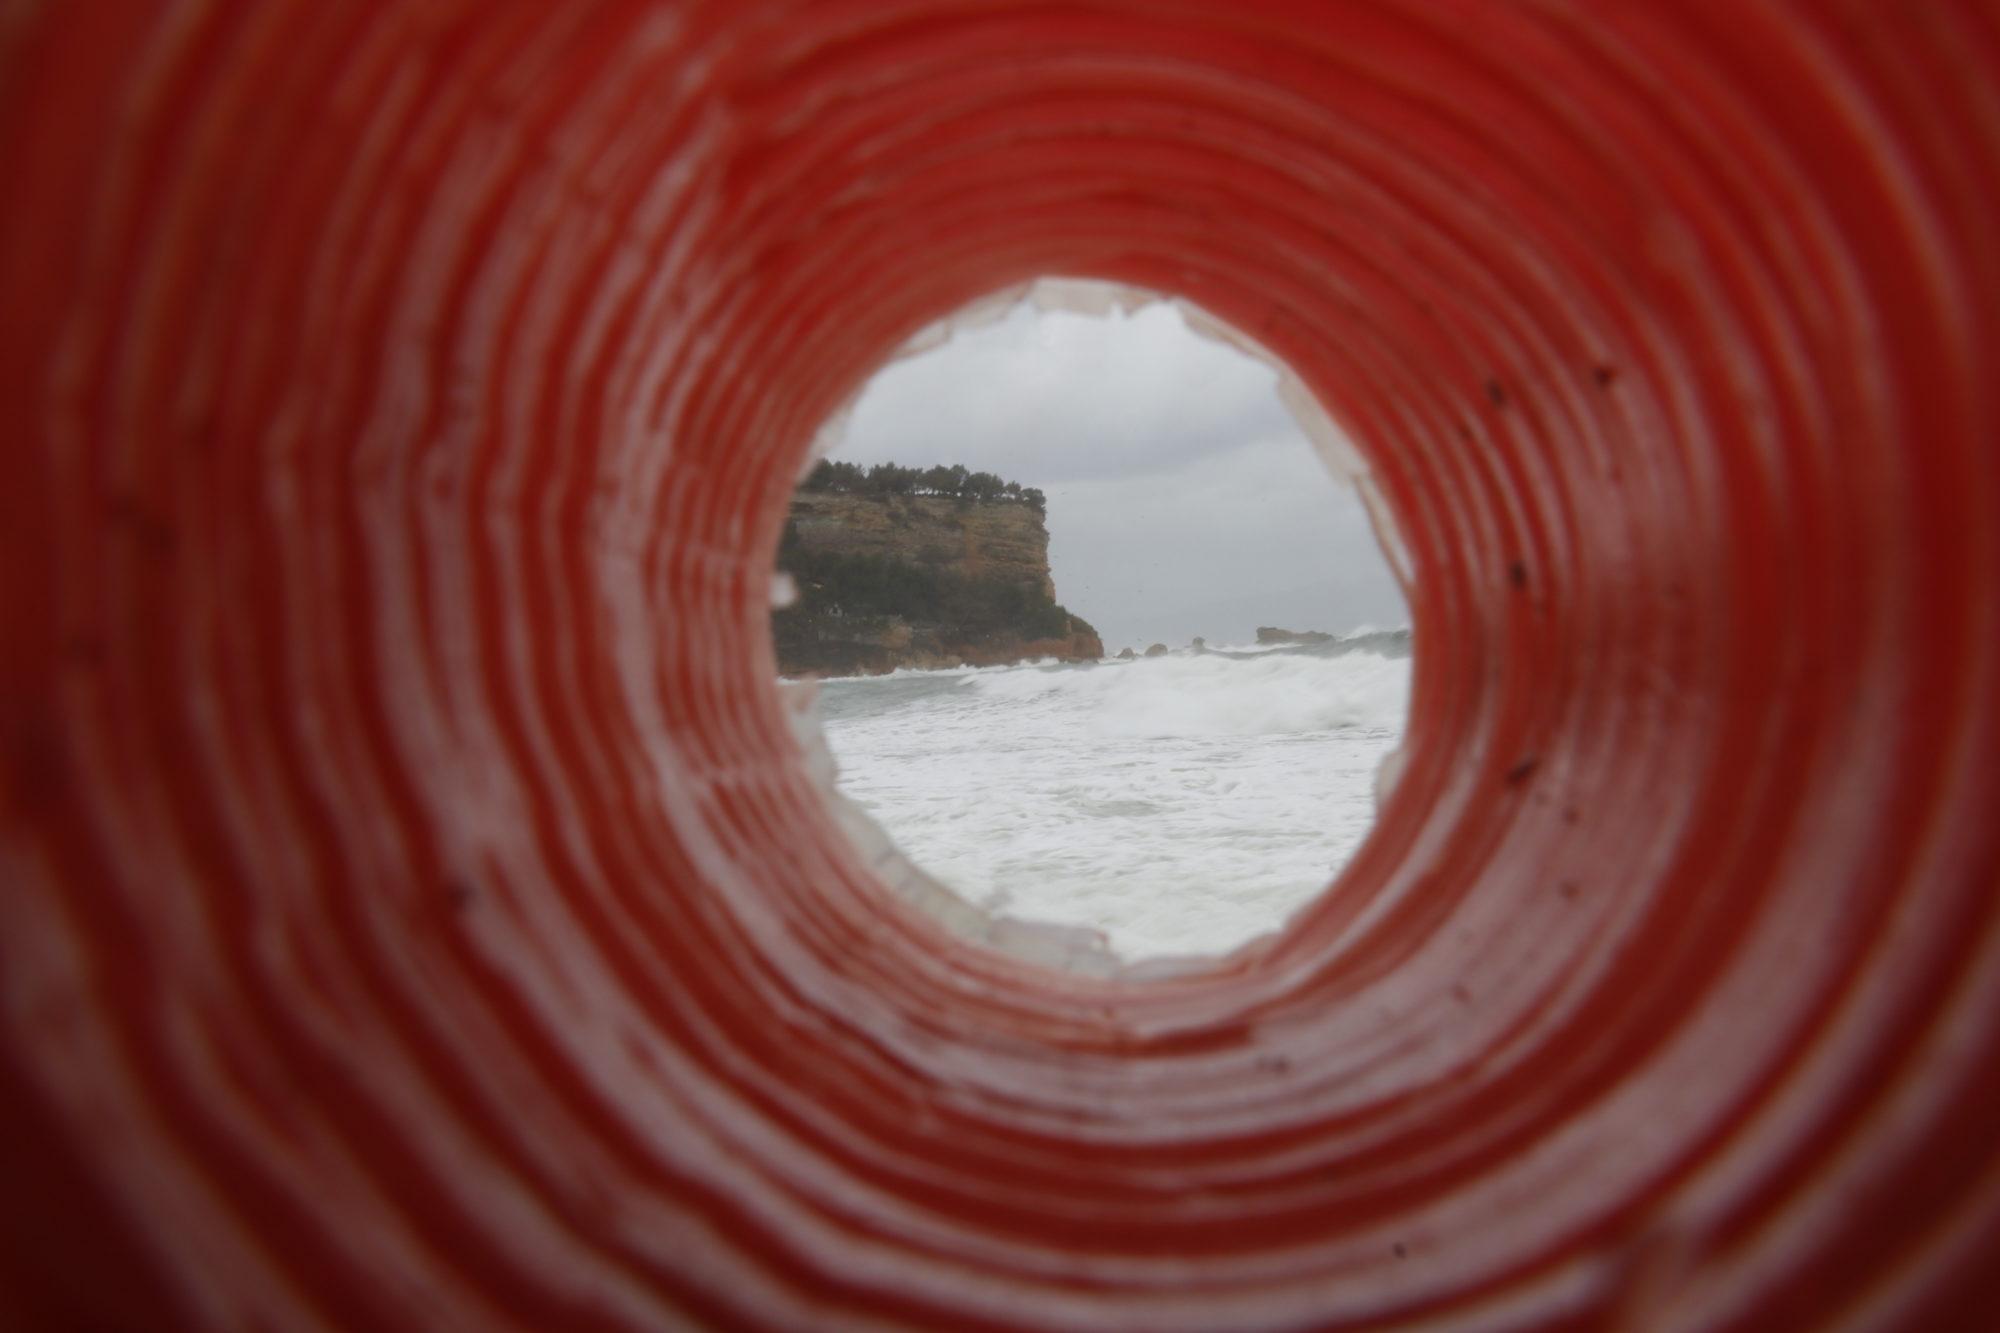 déchets, nettoyage des plages, spot, tempête, surf, surfeur, surfeuse.fr, côte bleue, poubelle